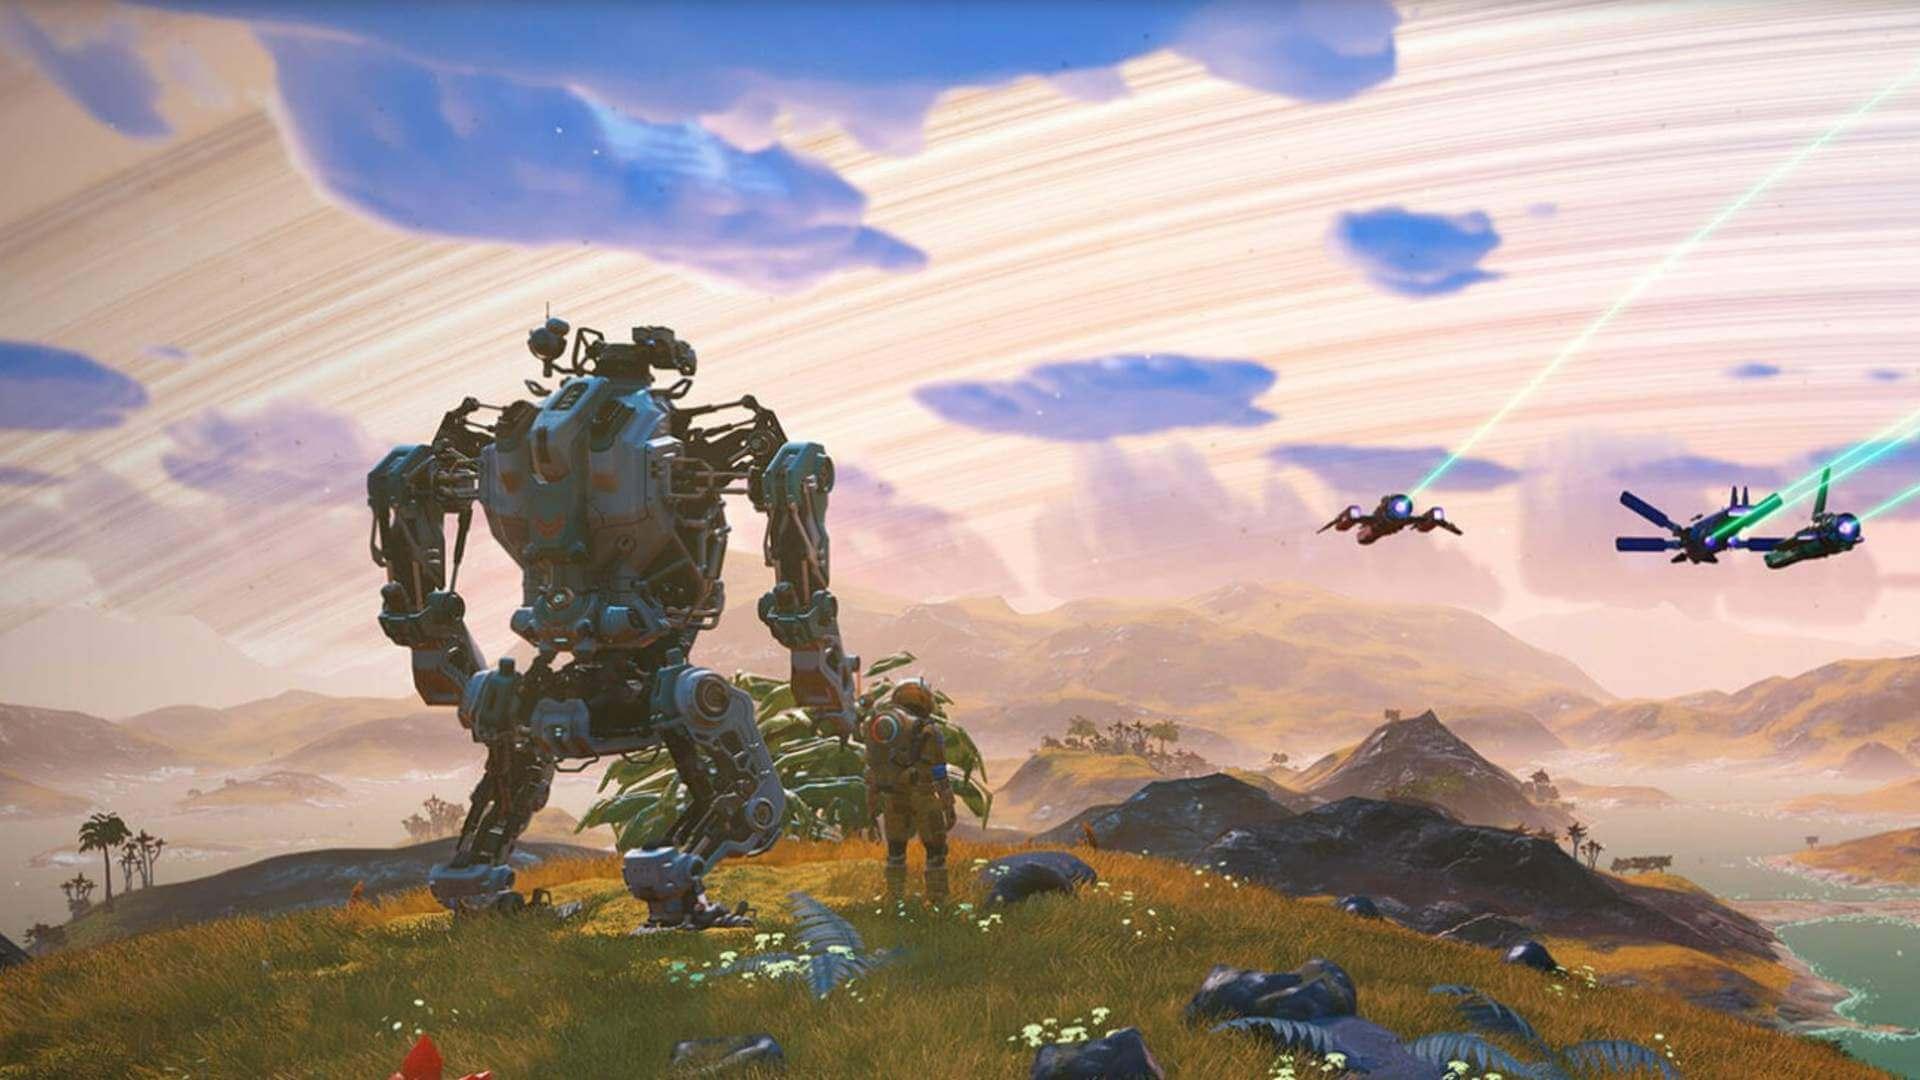 Обновления 2.42 для No Man's Sky исправляет проблемы с геймплеем, производительностью и стабильностью